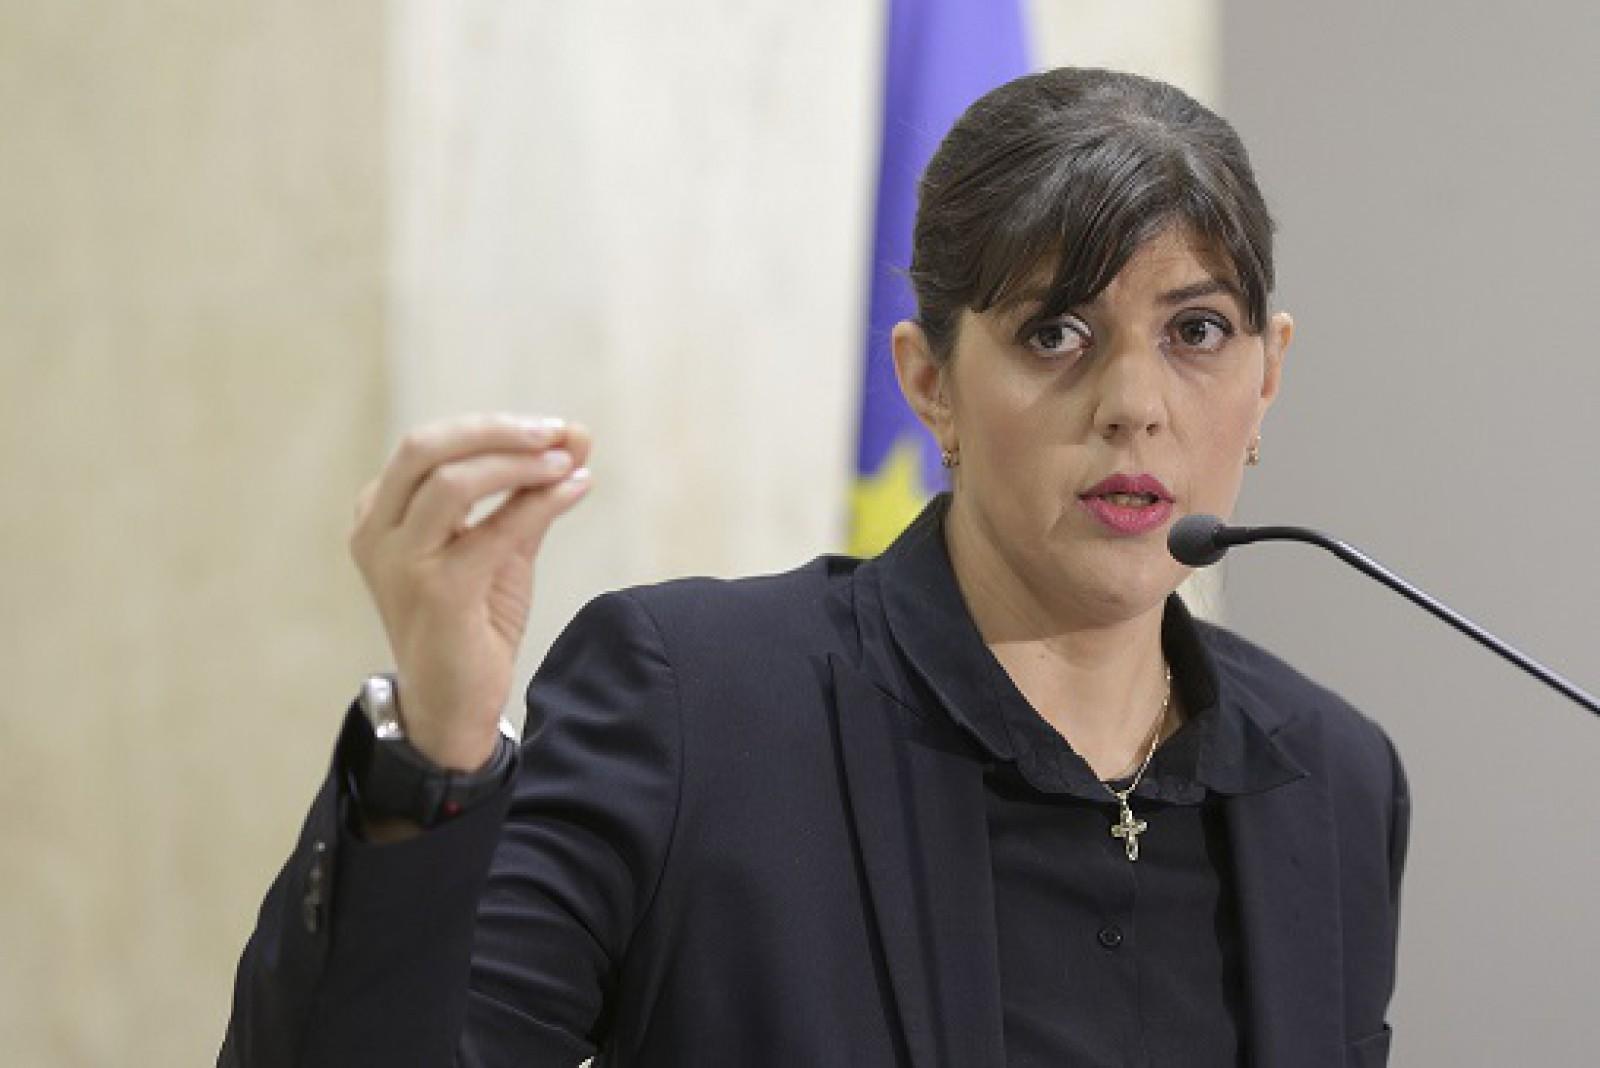 România: Laura Kodruța Kovesi se va întoarce la DIICOT Sibiu, după ce a fost demisă de la DNA